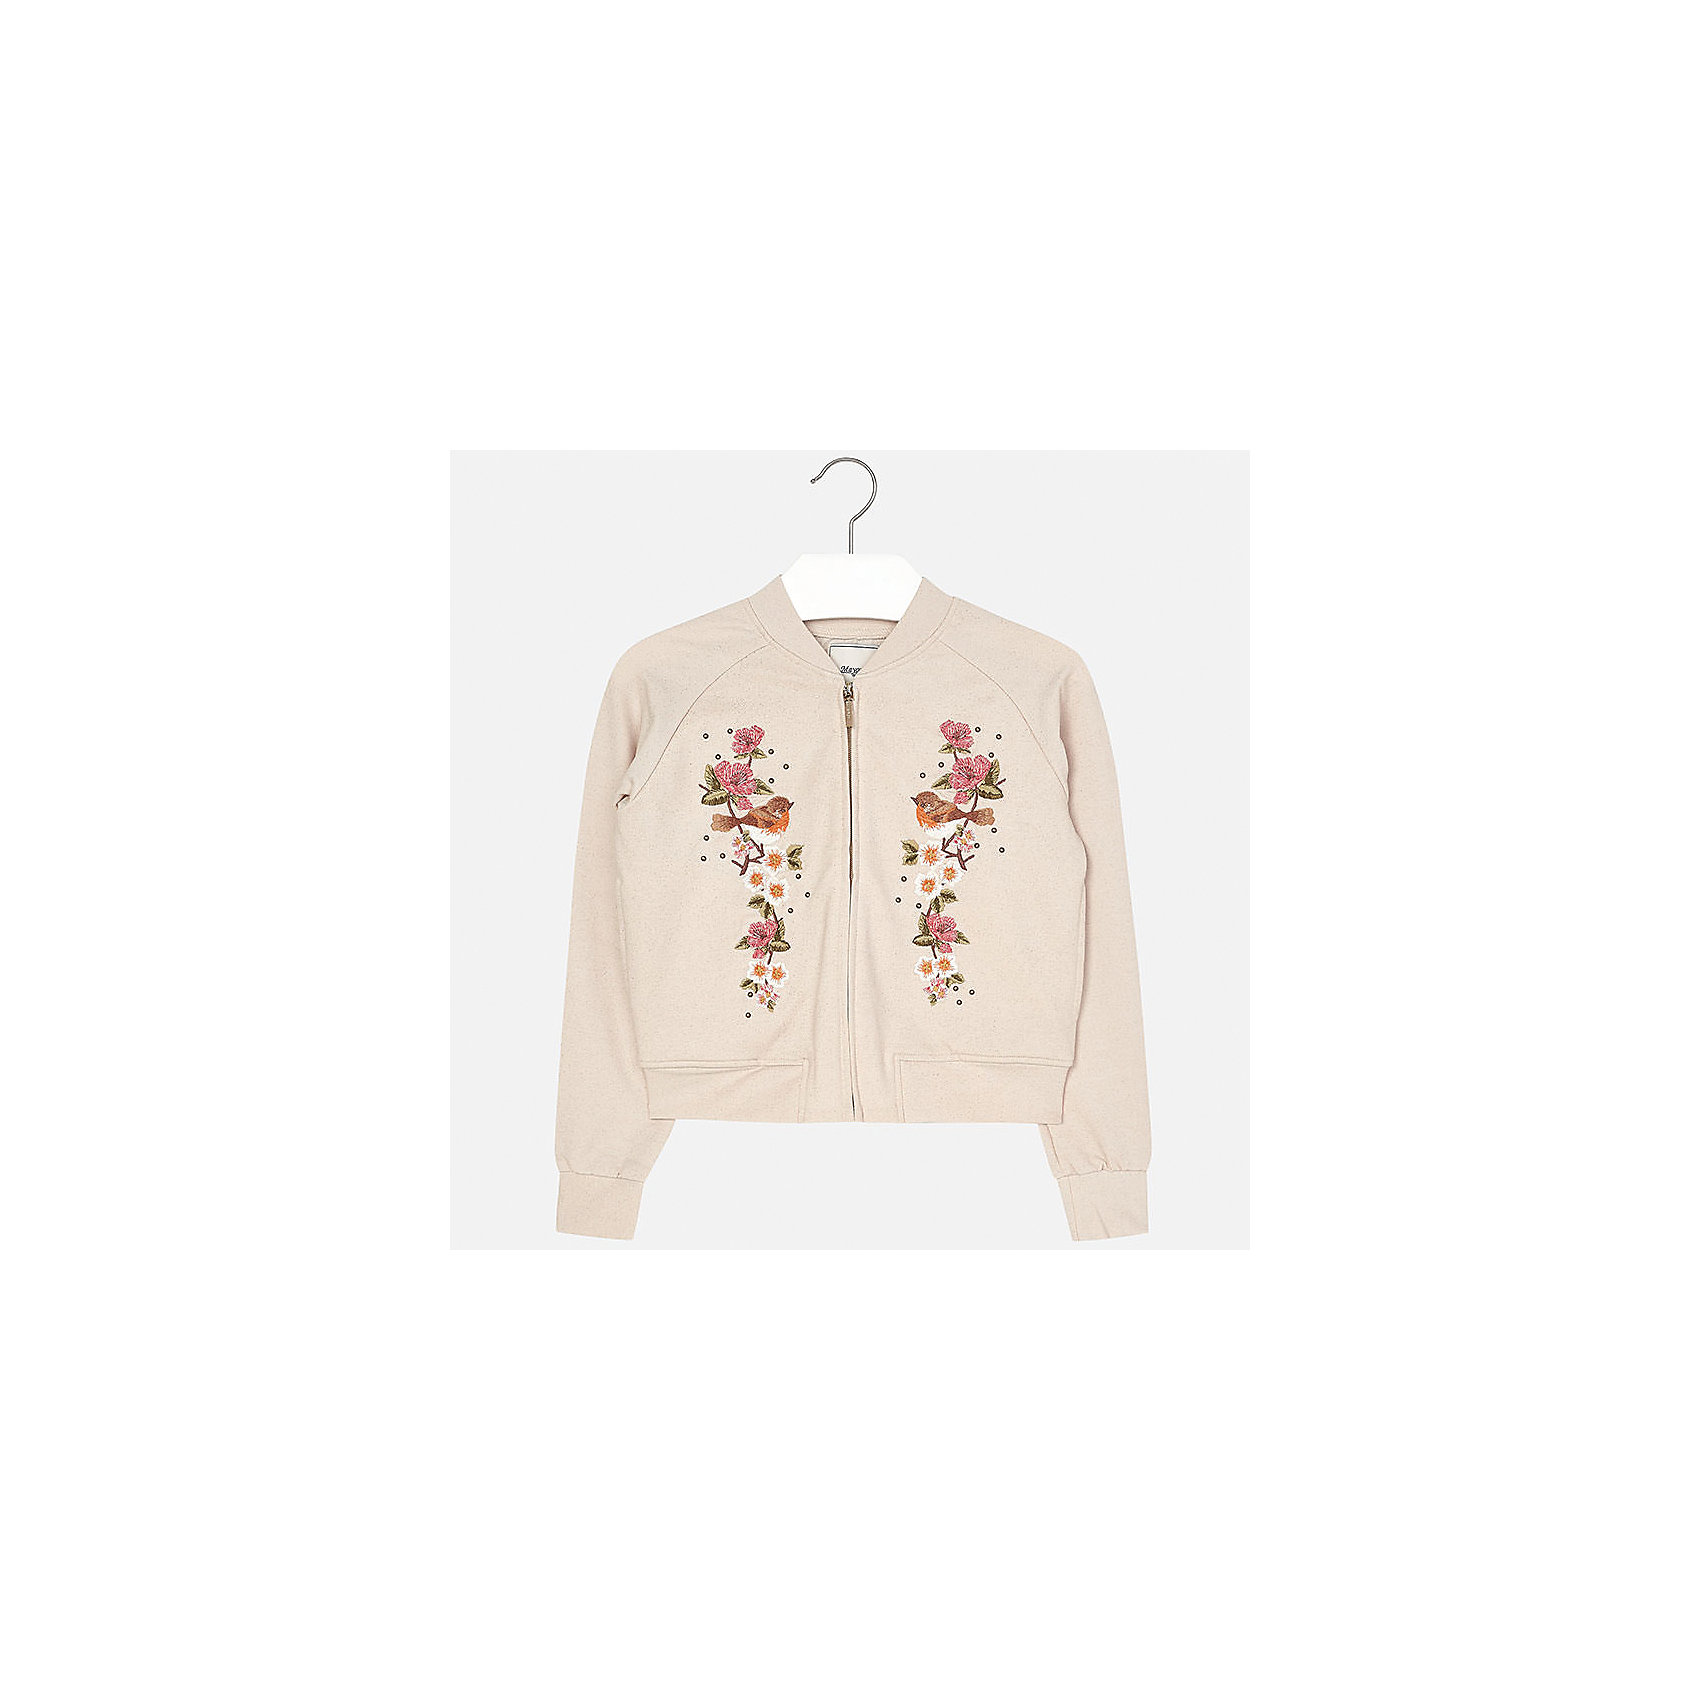 Куртка для девочки MayoralХарактеристики товара:<br><br>• цвет: бежевый<br>• состав: 95% хлопок, 5% эластан<br>• молния<br>• манжеты<br>• длинные рукава<br>• украшена принтом<br>• страна бренда: Испания<br><br>Очень стильная куртка для девочки поможет разнообразить гардероб ребенка и украсить наряд. Он отлично сочетается и с юбками, и с брюками. Универсальный цвет позволяет подобрать к вещи низ различных расцветок. Интересная отделка модели делает её нарядной и оригинальной.<br><br>Одежда, обувь и аксессуары от испанского бренда Mayoral полюбились детям и взрослым по всему миру. Модели этой марки - стильные и удобные. Для их производства используются только безопасные, качественные материалы и фурнитура. Порадуйте ребенка модными и красивыми вещами от Mayoral! <br><br>Куртку для девочки от испанского бренда Mayoral (Майорал) можно купить в нашем интернет-магазине.<br><br>Ширина мм: 356<br>Глубина мм: 10<br>Высота мм: 245<br>Вес г: 519<br>Цвет: бежевый<br>Возраст от месяцев: 156<br>Возраст до месяцев: 168<br>Пол: Женский<br>Возраст: Детский<br>Размер: 164,158,128/134,140,152<br>SKU: 5292898